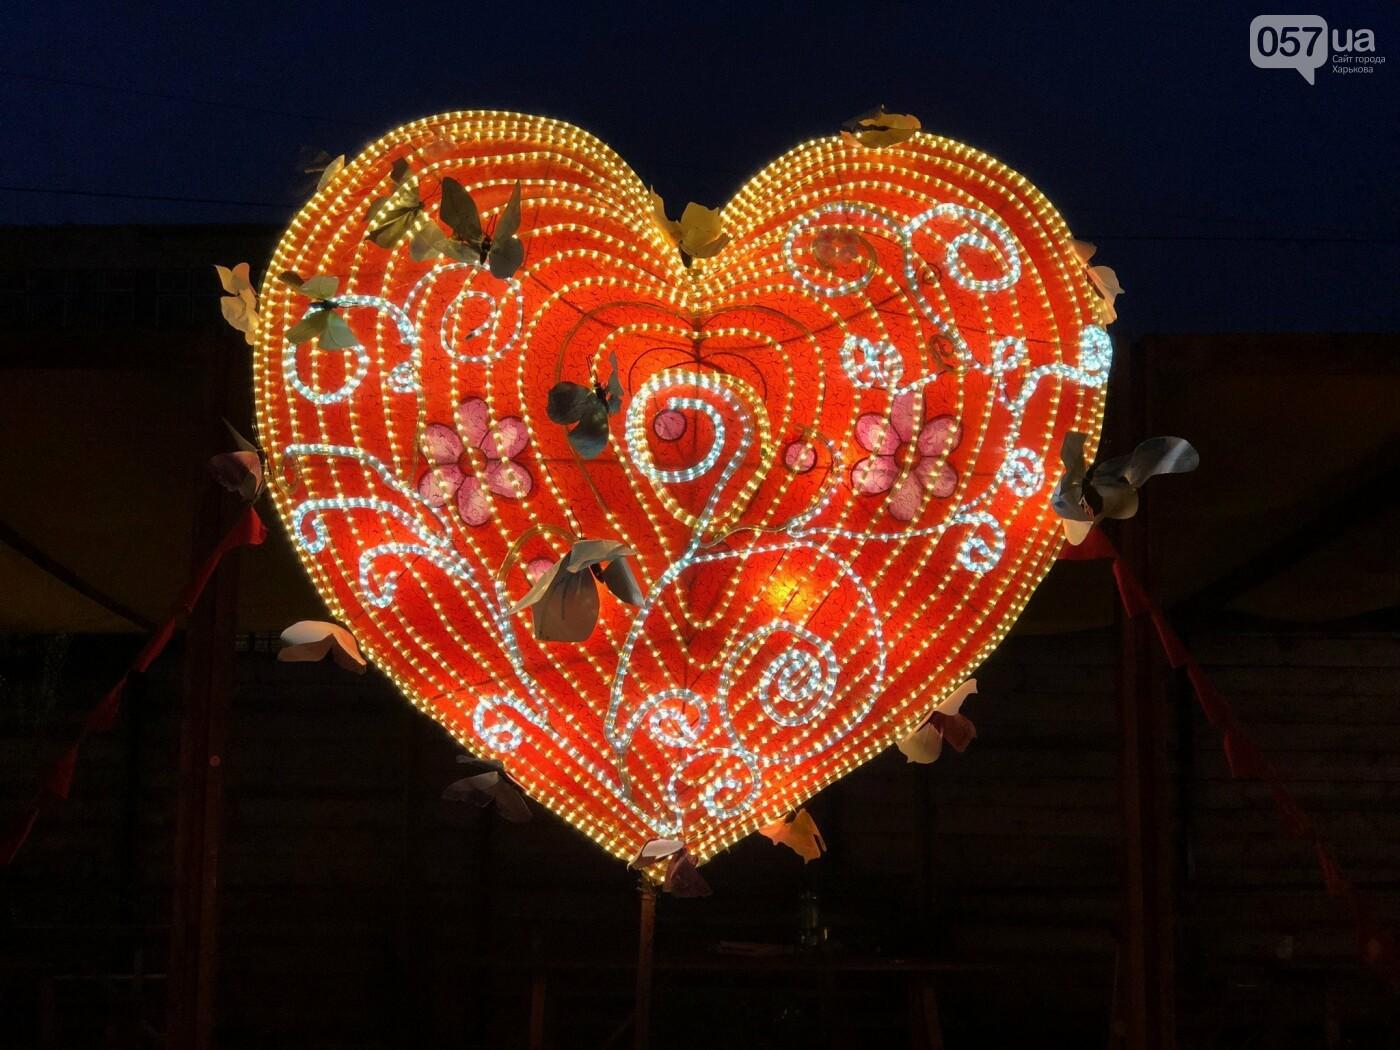 Фестиваль гигантских китайских фонарей в Харькове сделает вход бесплатным  для детей, фото-5